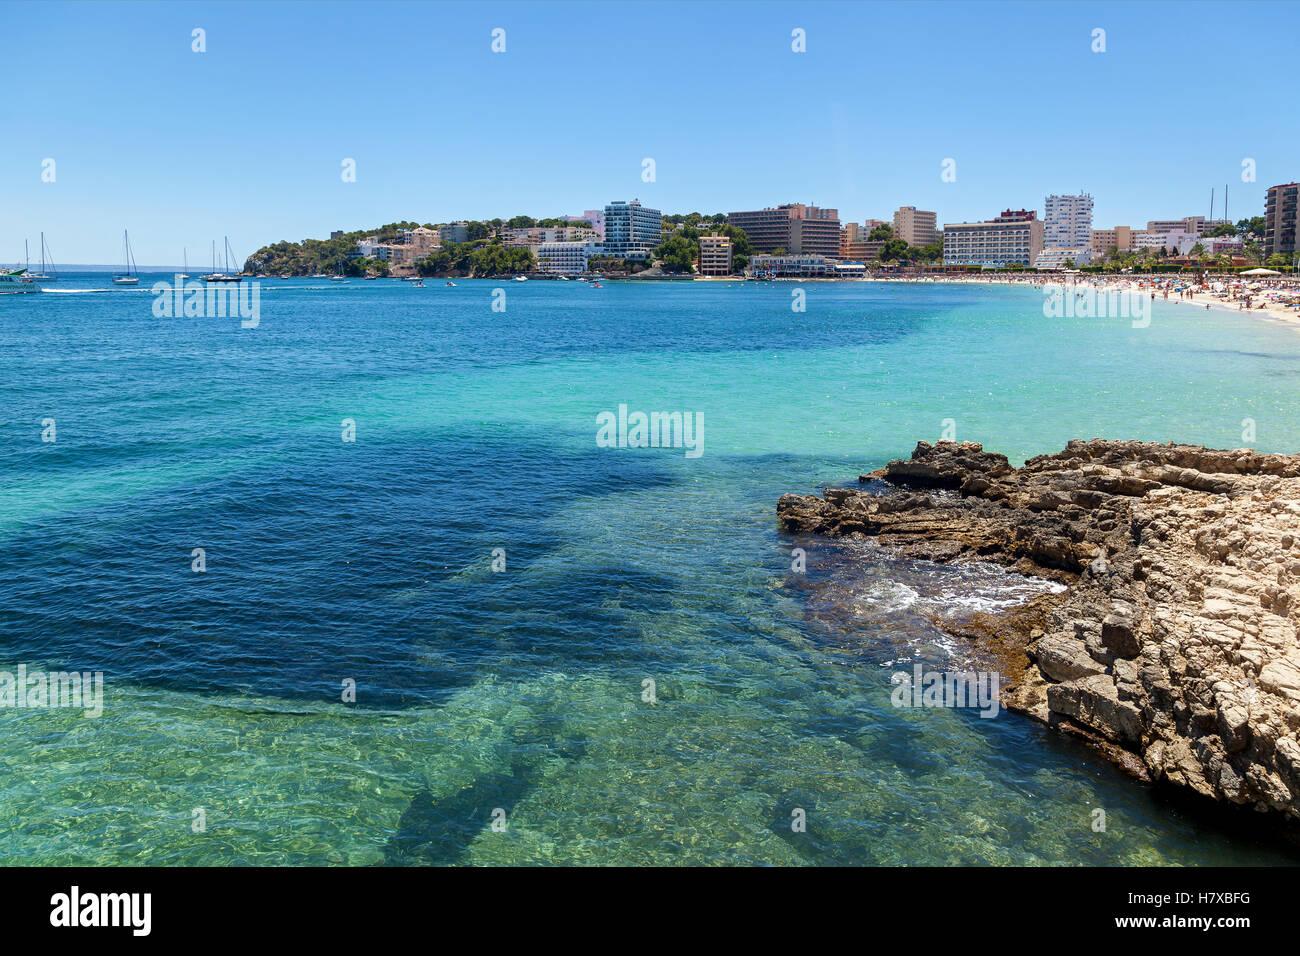 Spiaggia rocciosa di Palmanova. Spiaggia rocciosa di Palmanova in una giornata di sole. In lontananza la spiaggia Immagini Stock